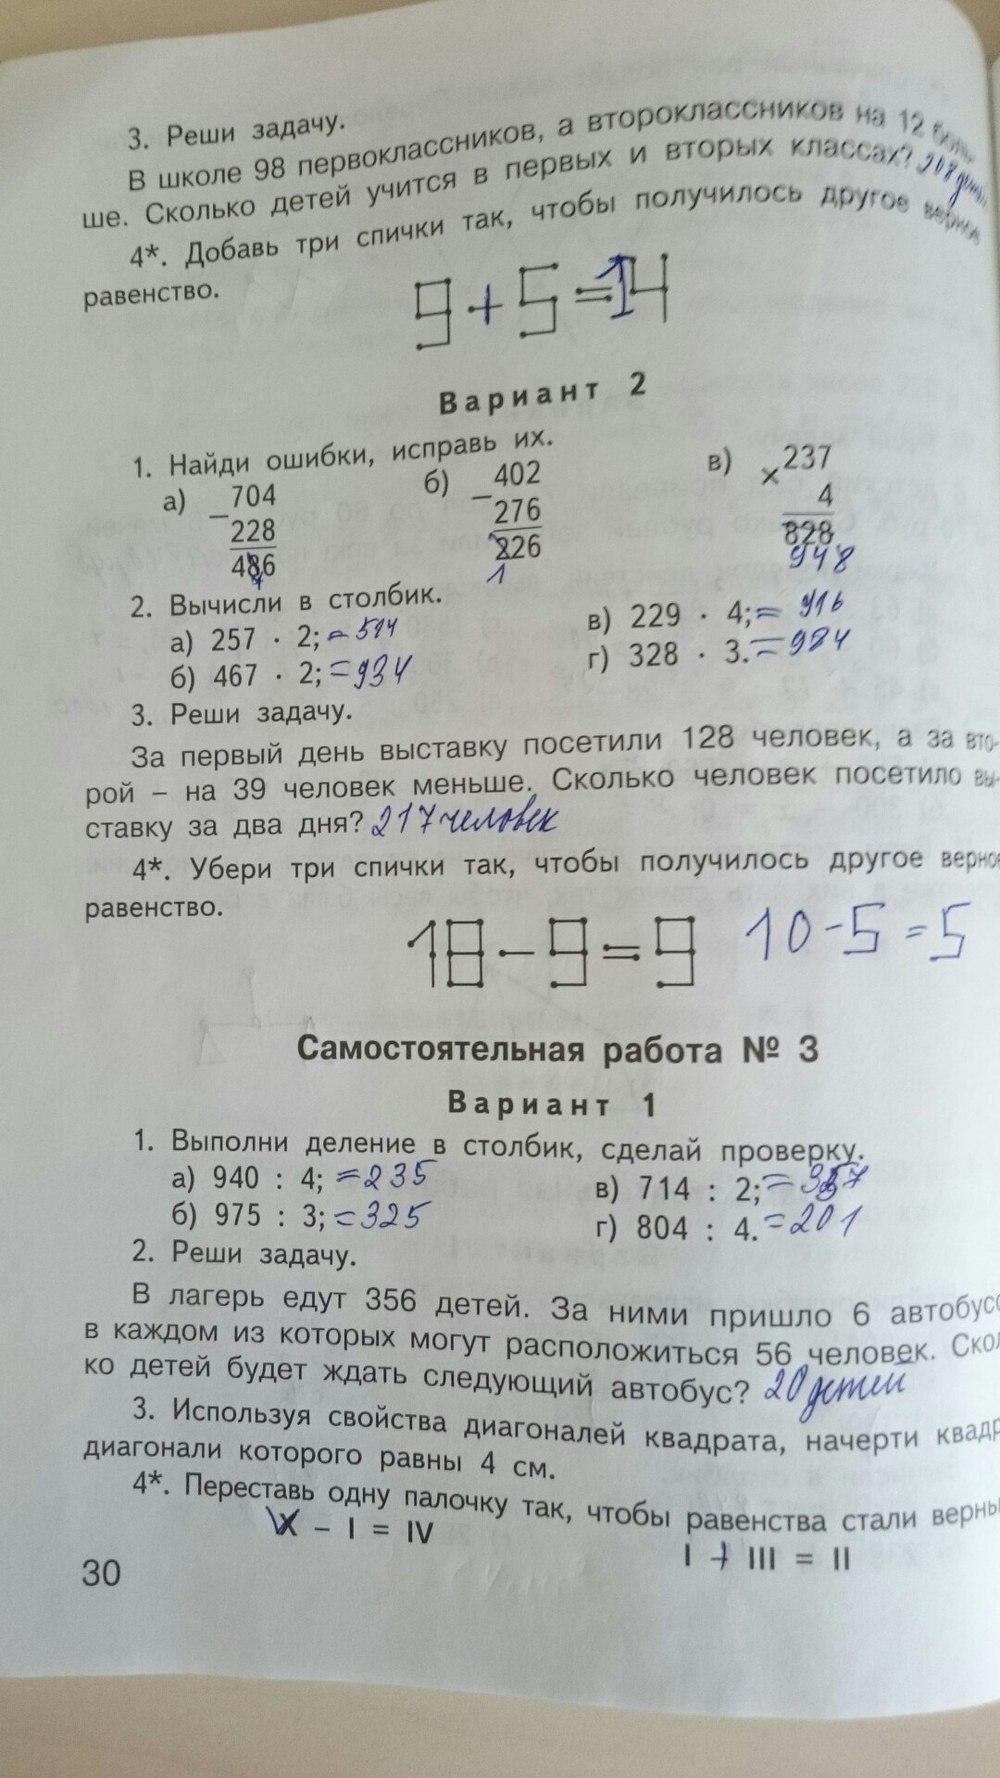 ответы к ким по математике 1 класс ситникова